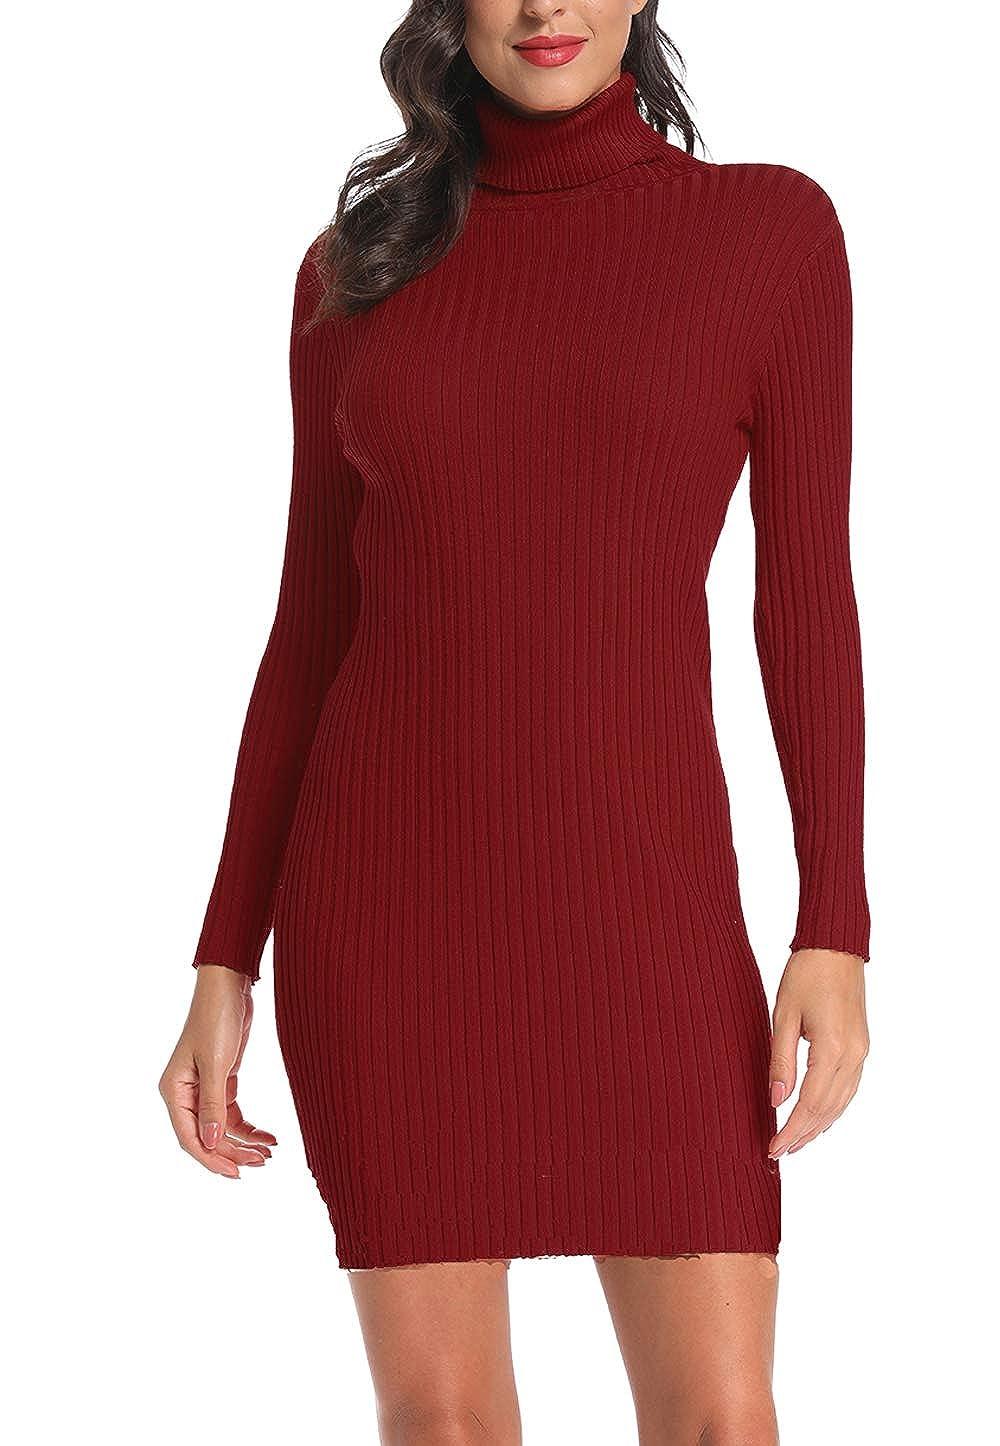 Ancapelion Donna Vestito Collo Alto a Maglieria per Inverno Maglione Lungo Elegante Pullover Aderente Elasticizzato Abito Accollato Invernale